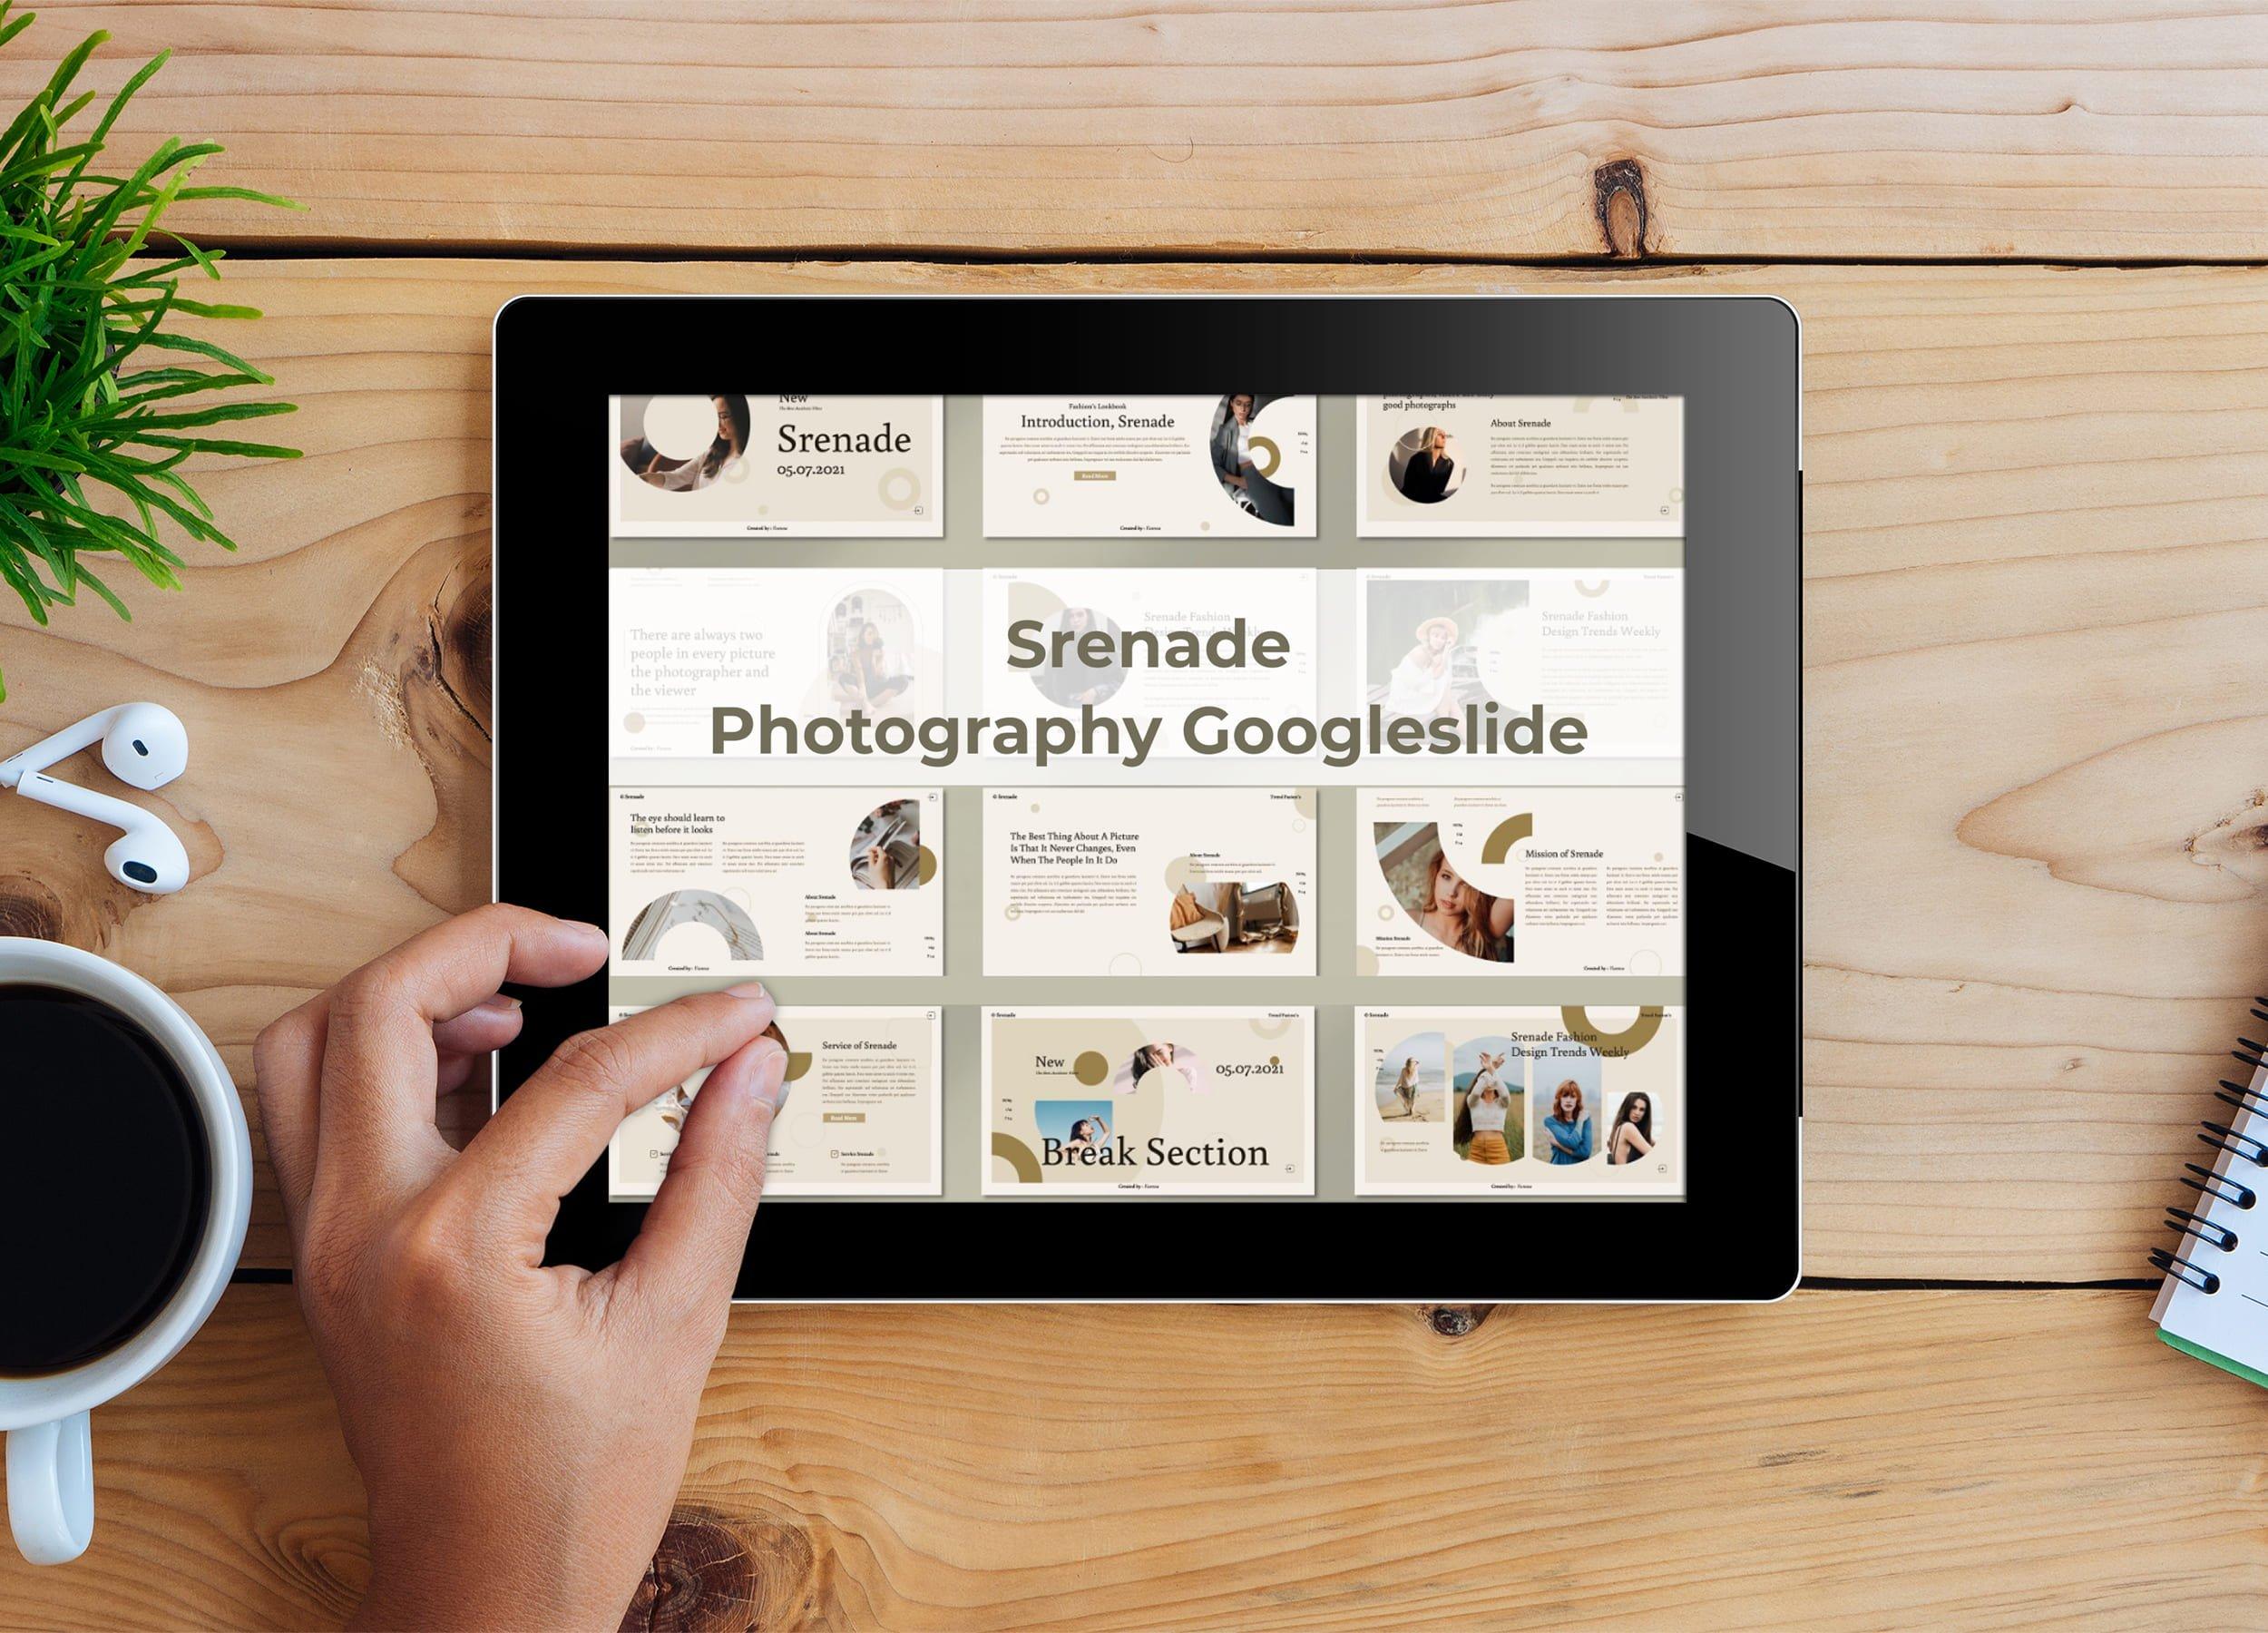 Tablet option of the Srenade - Photography Googleslide.